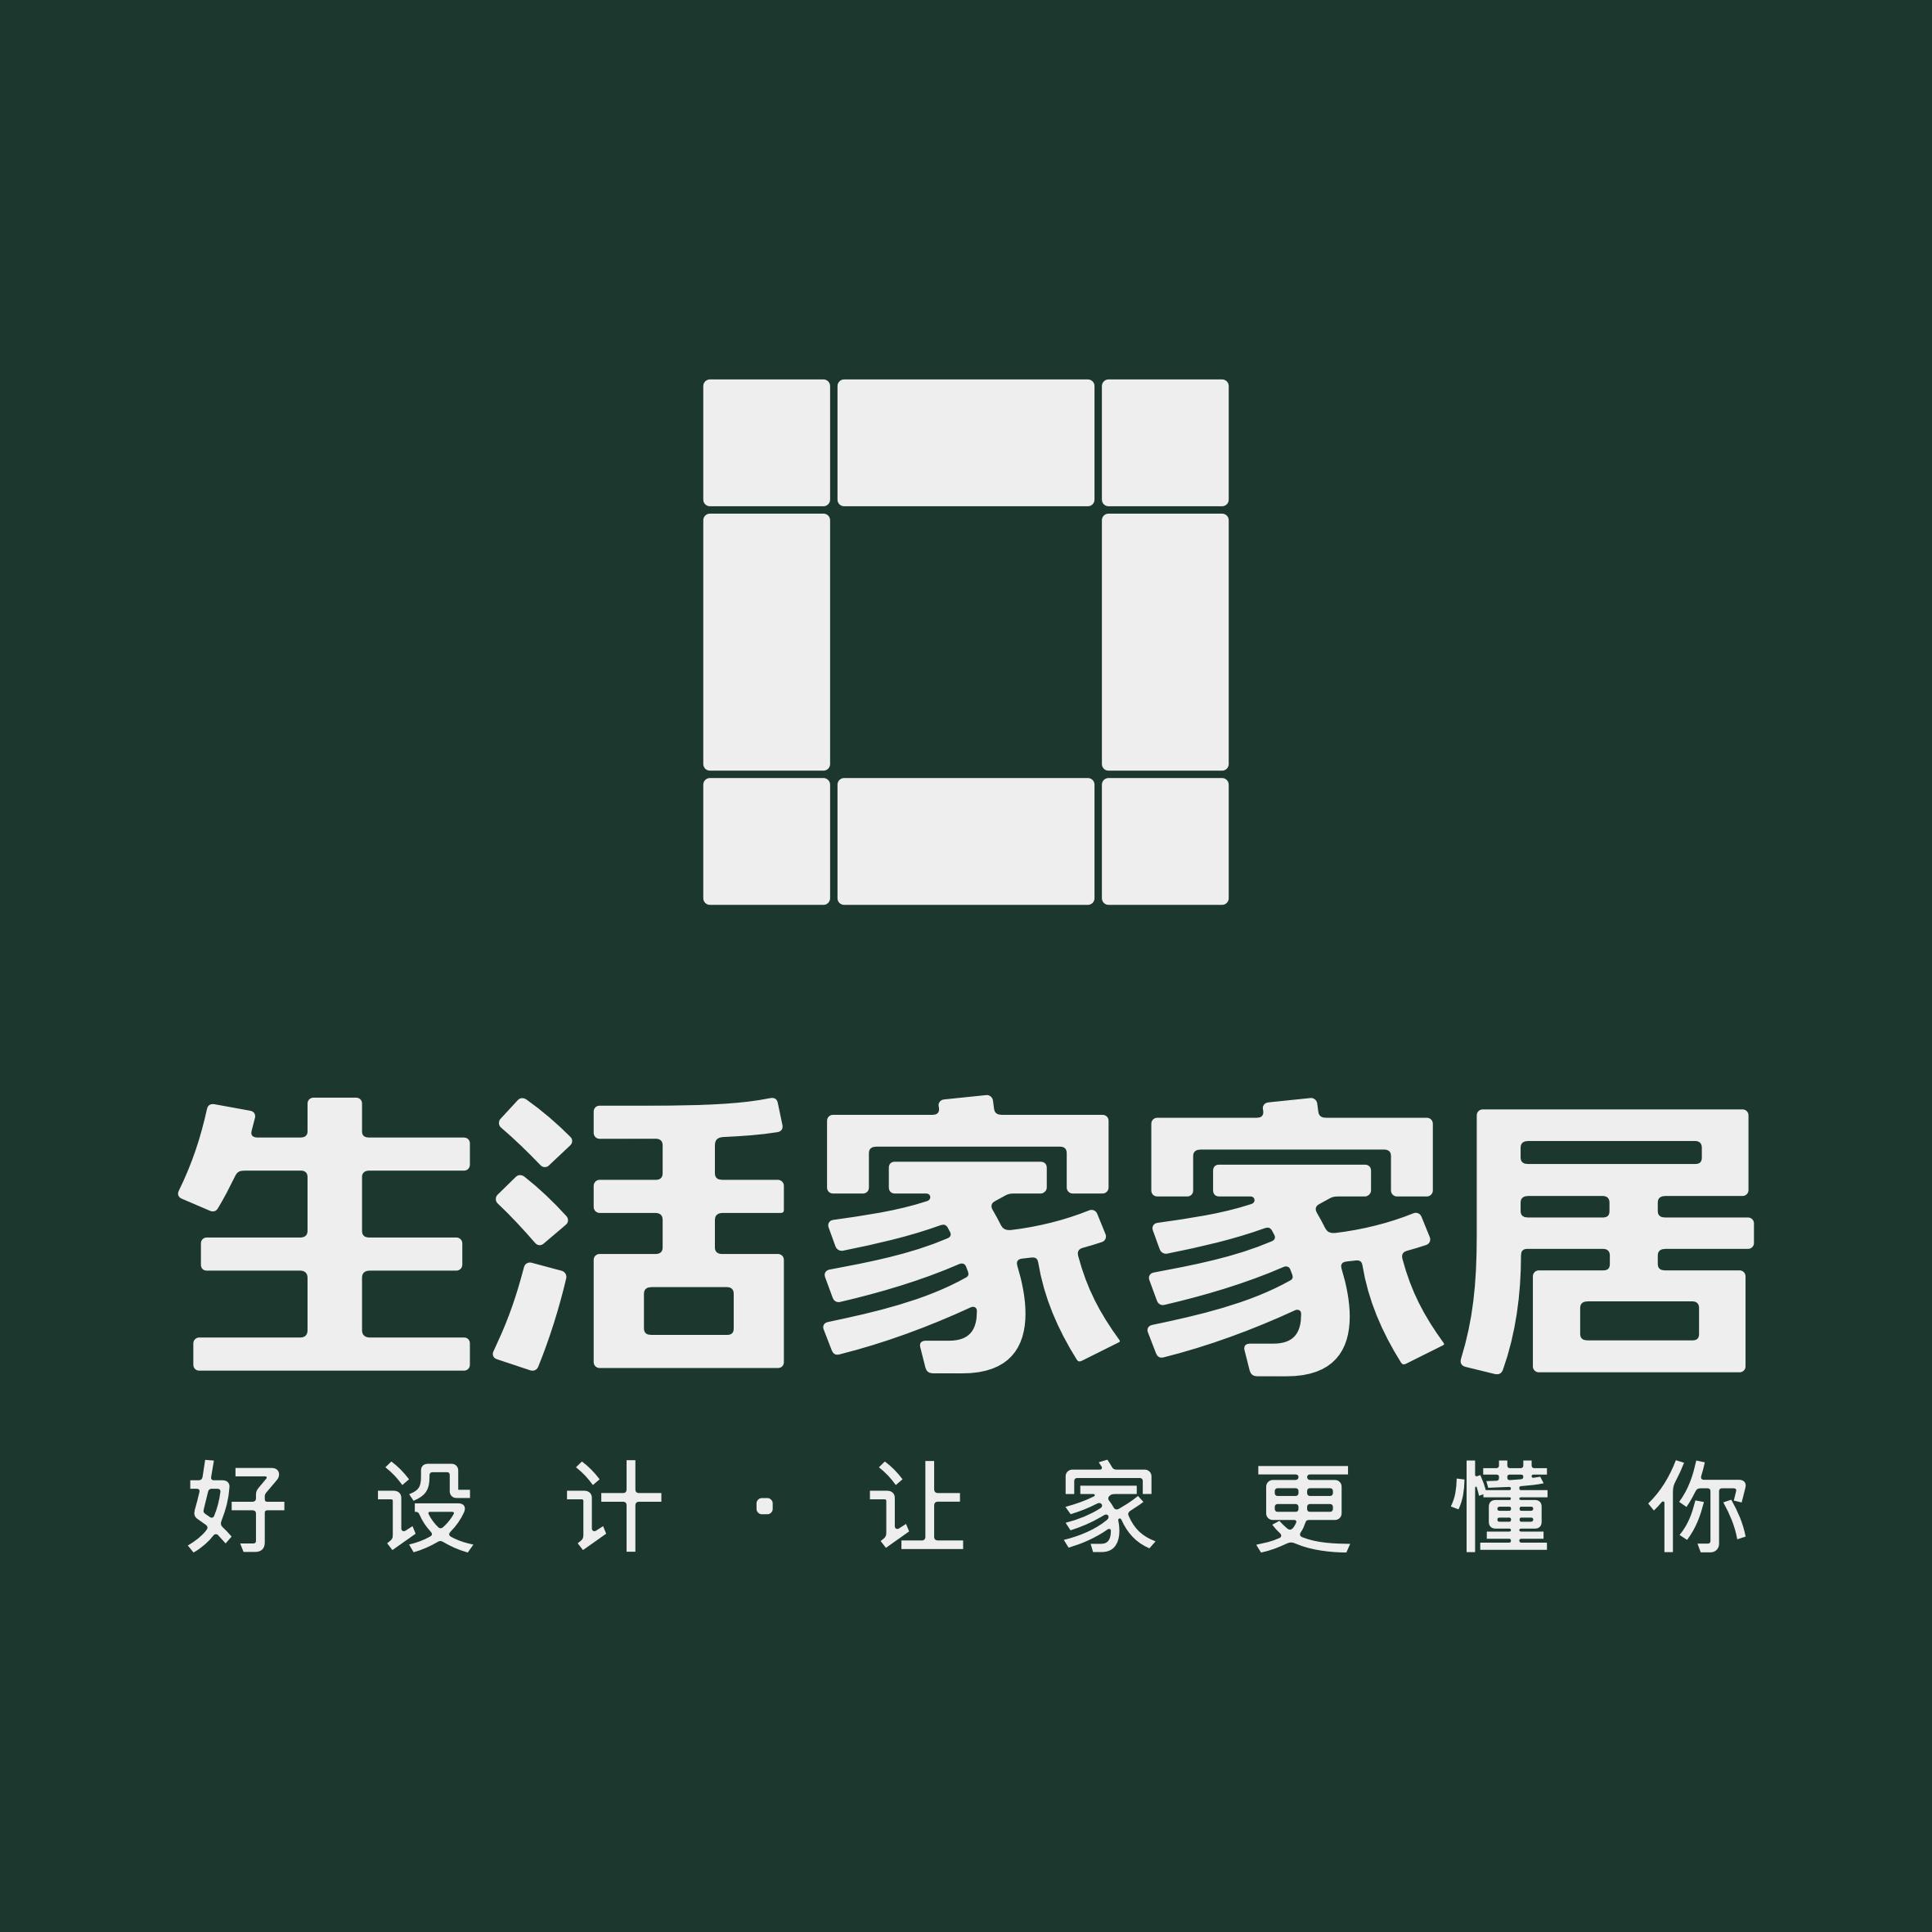 四川生活家家居集团有限公司无锡分公司